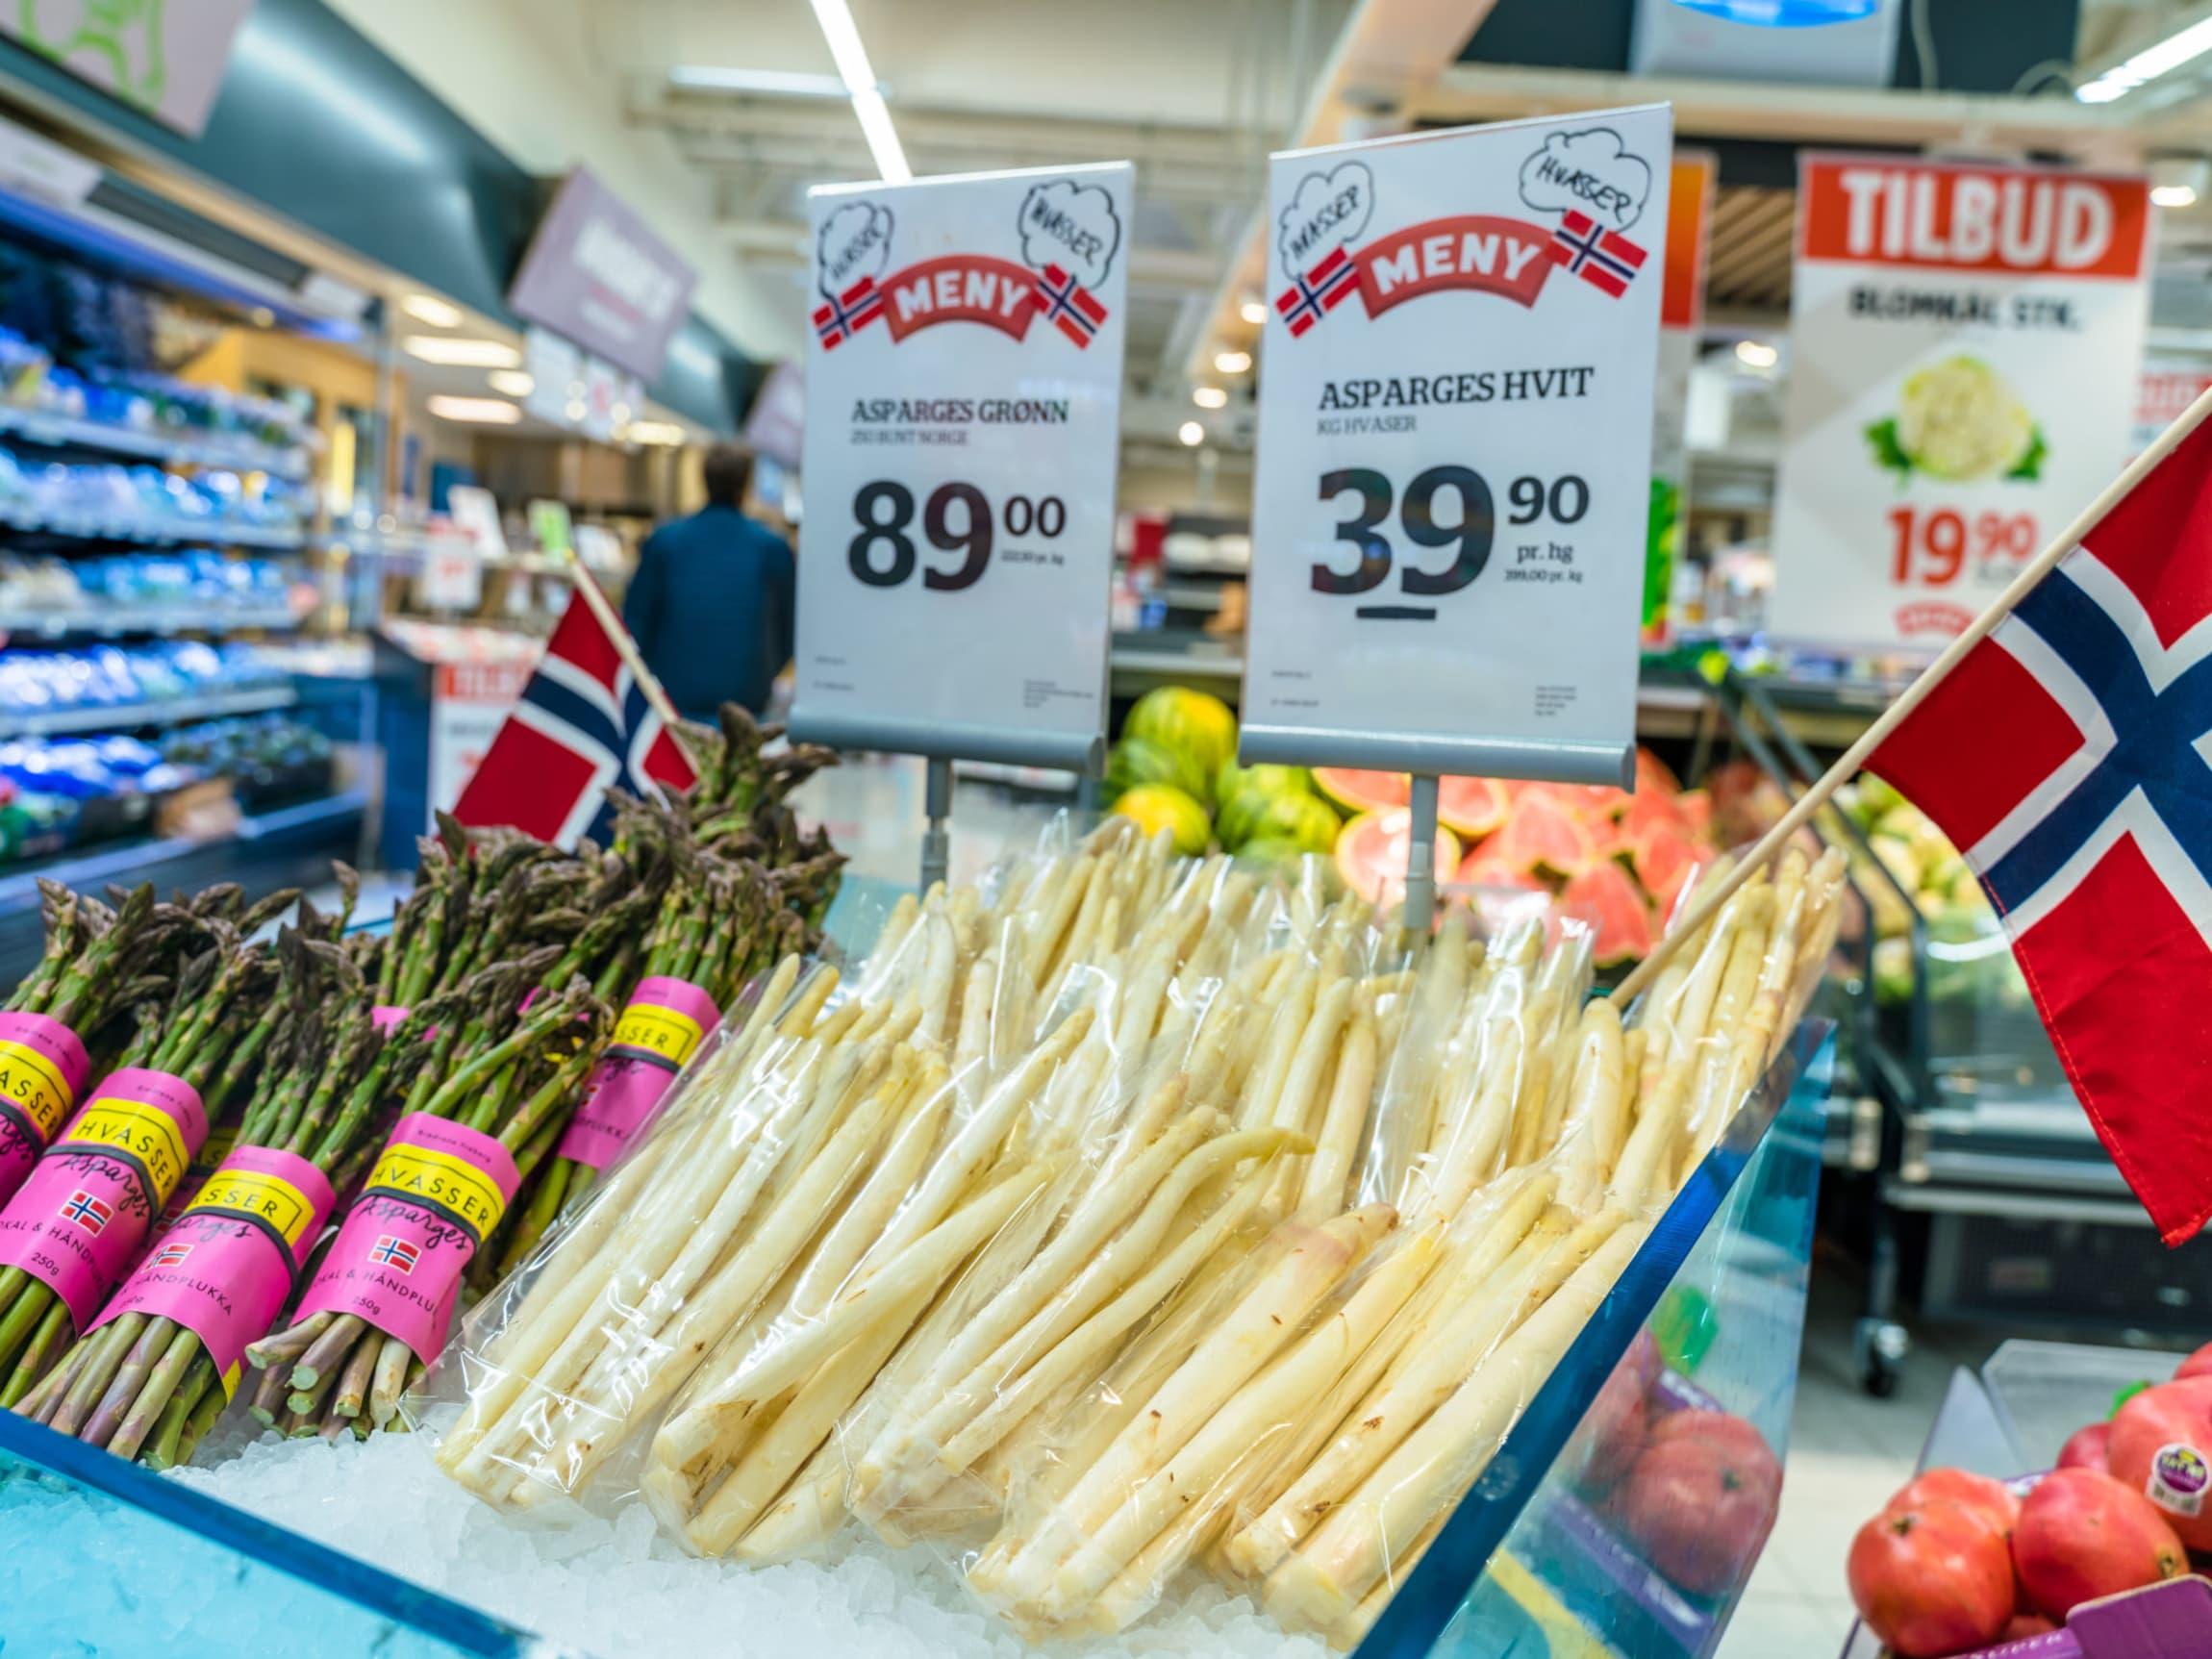 Norges første hvite asparges